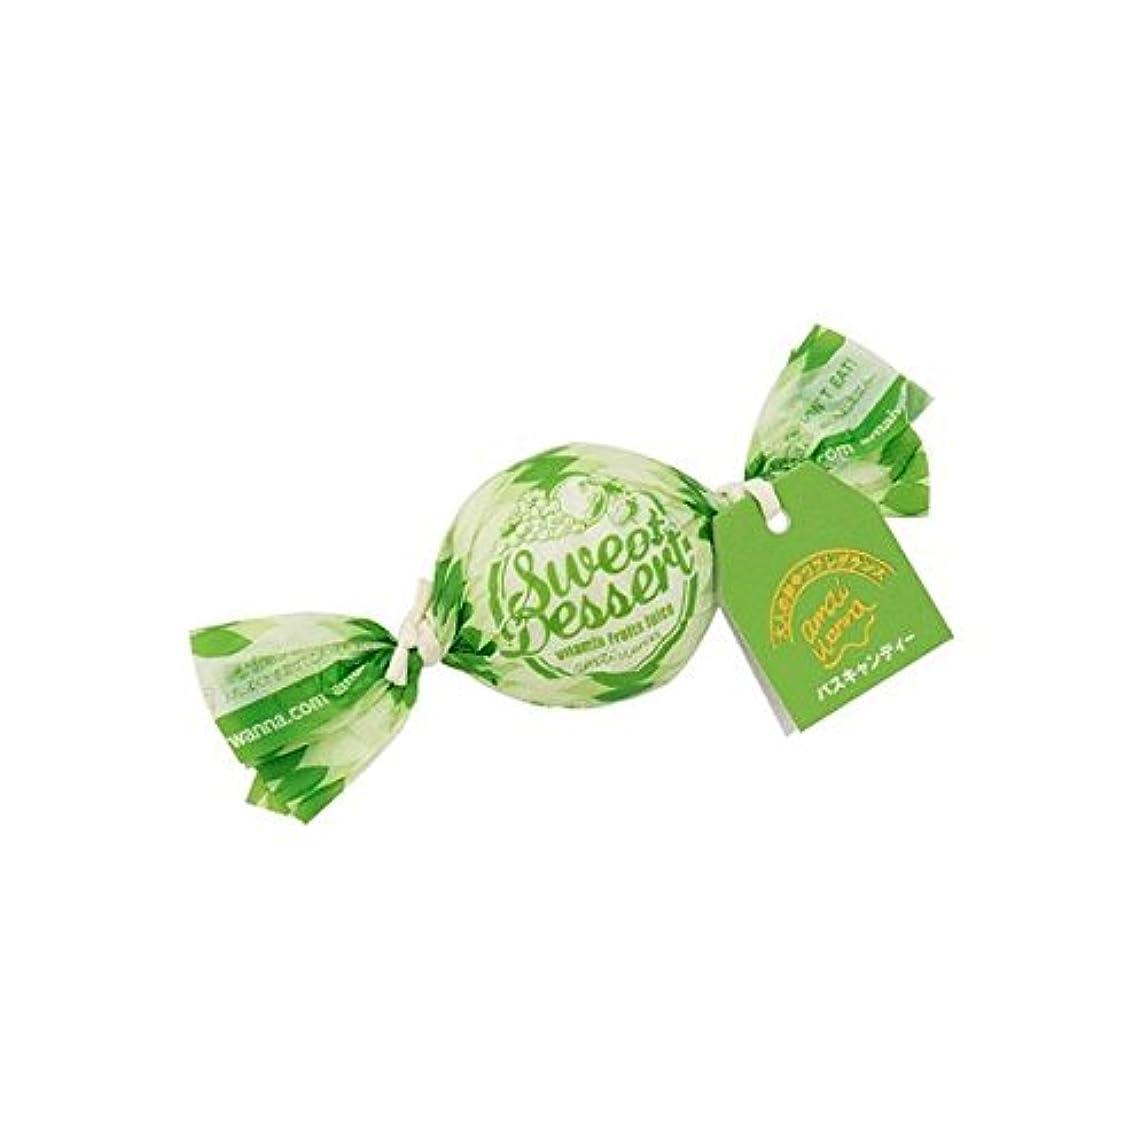 魅惑する南アメリカピザグローバルプロダクトプランニング アマイワナ バスキャンディー 1粒 ビタミンフルーツジュース 35g 4517161124224